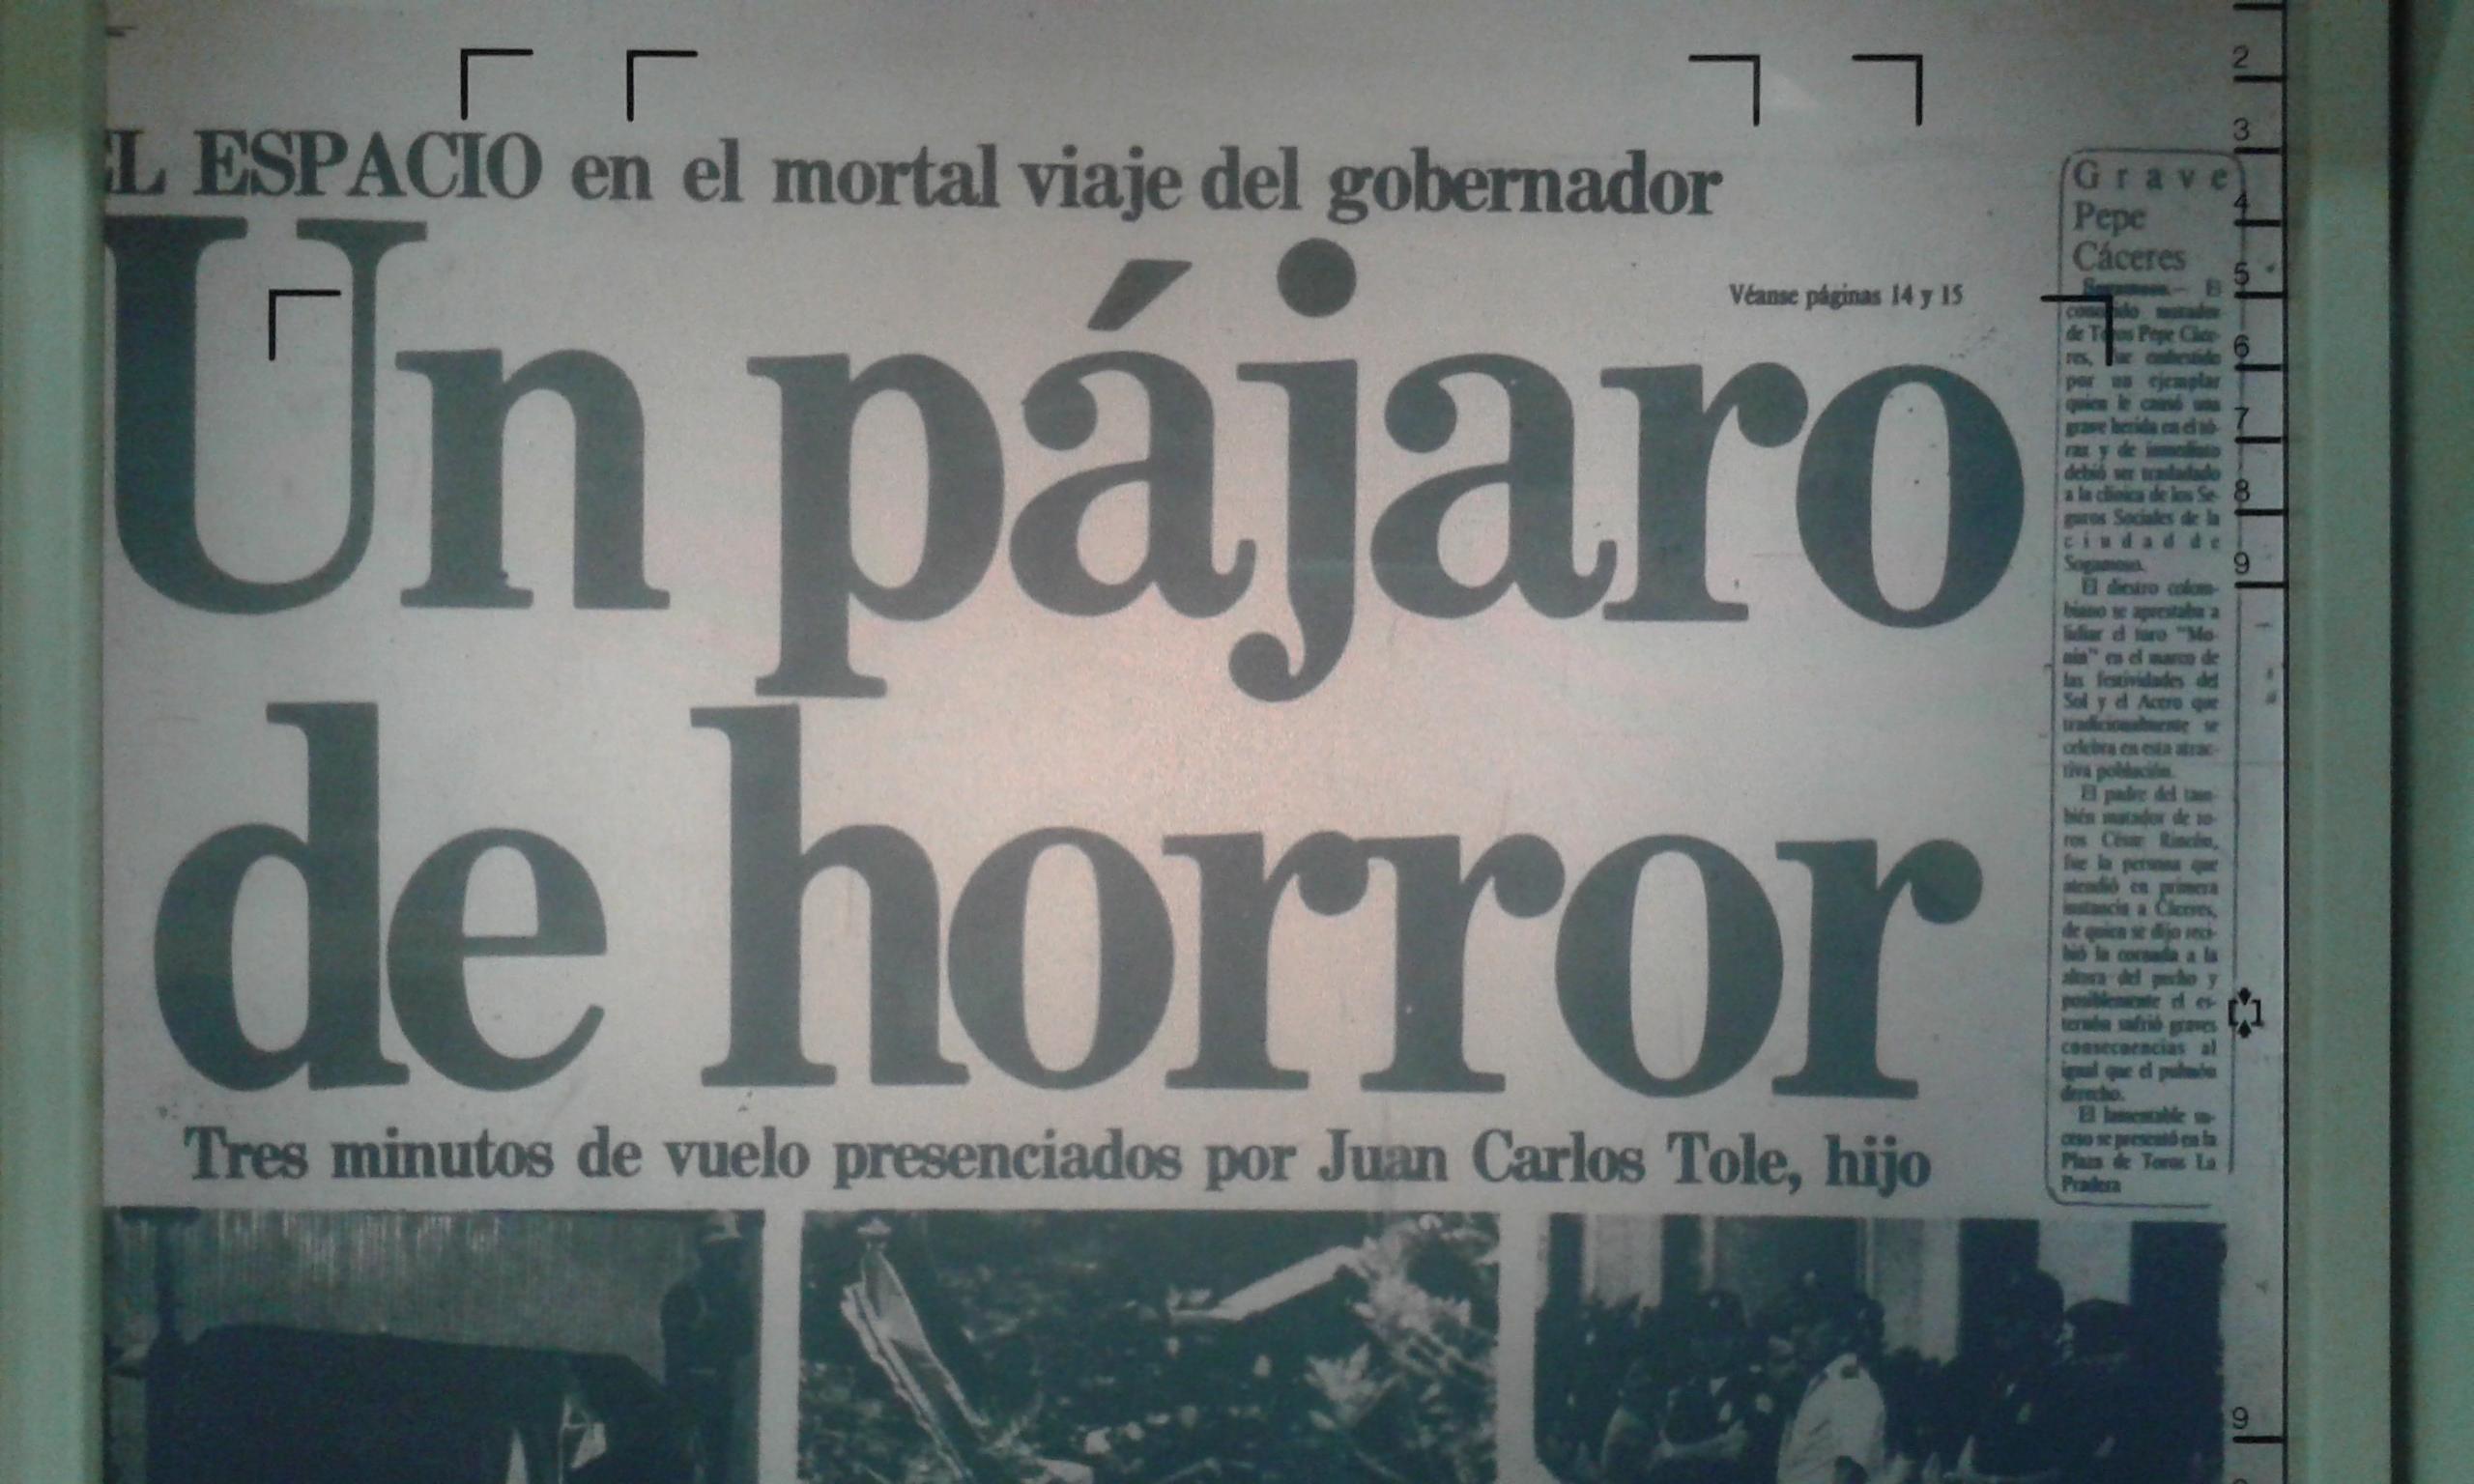 El día que murió un gobernador del Tolima en ejercicio 2